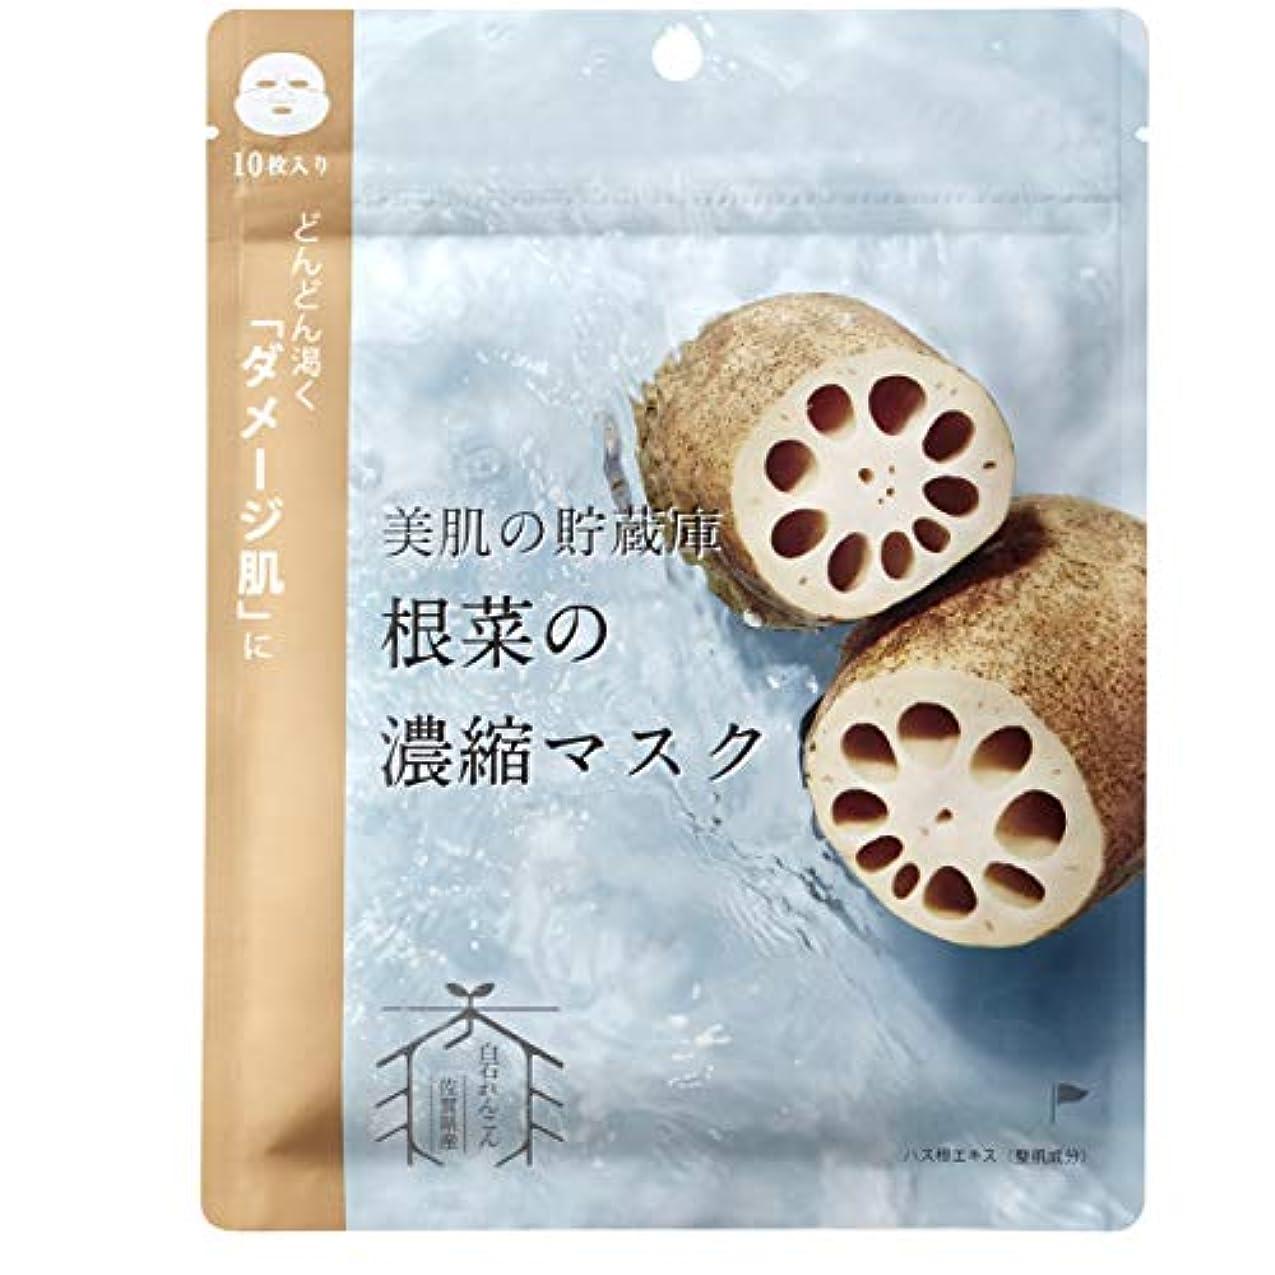 飛ぶドキドキ宴会@cosme nippon 美肌の貯蔵庫 根菜の濃縮マスク 白石れんこん 10枚入 160ml